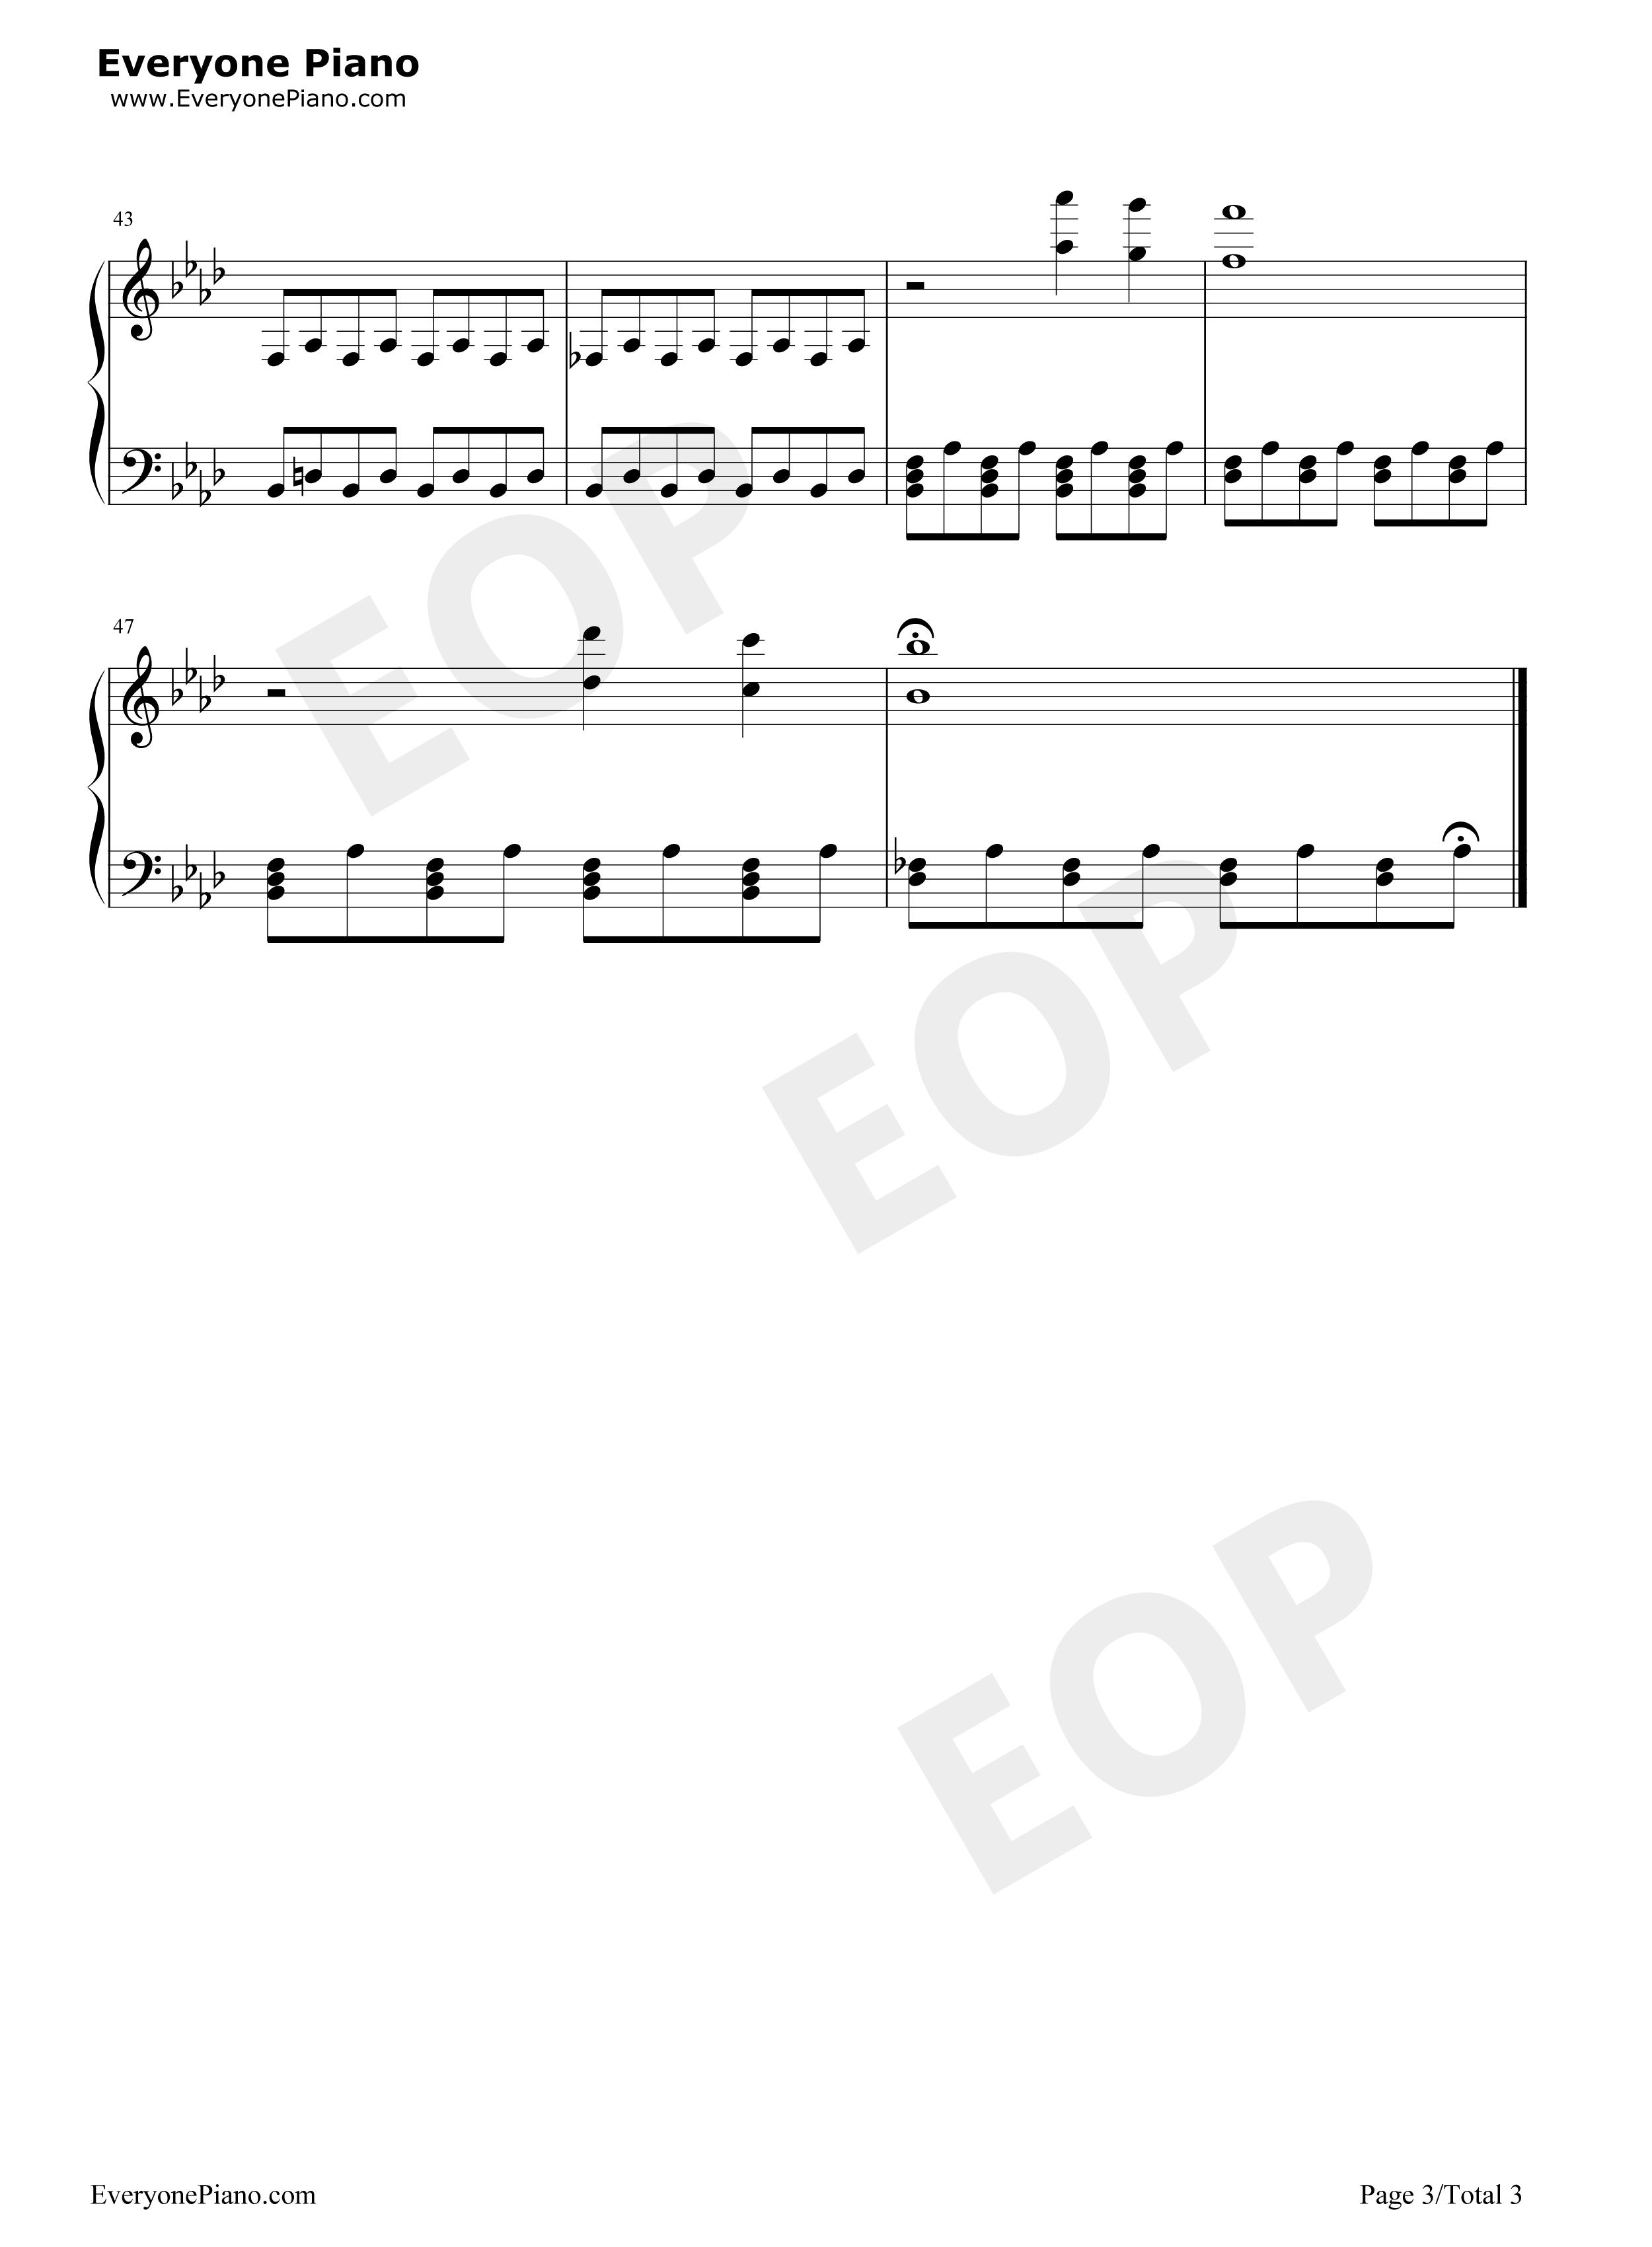 truman show soundtrack download